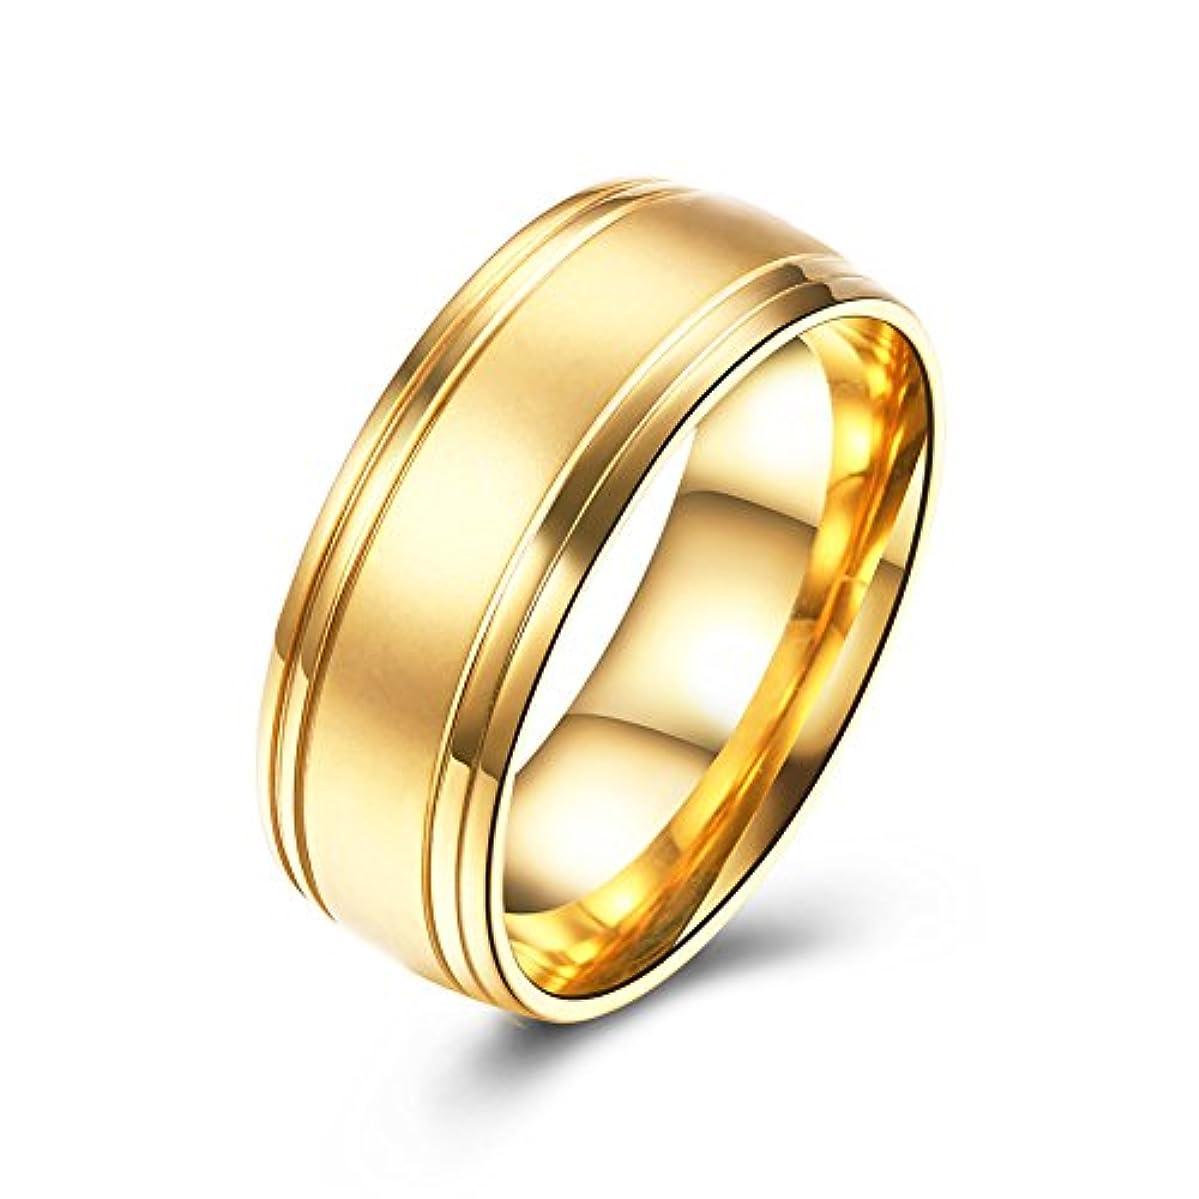 操作今後喜び流行アクセサリー バレンタインデーのカップルの指輪 ステンレススタンダードリング アレルギーを防ぐ 色あせない